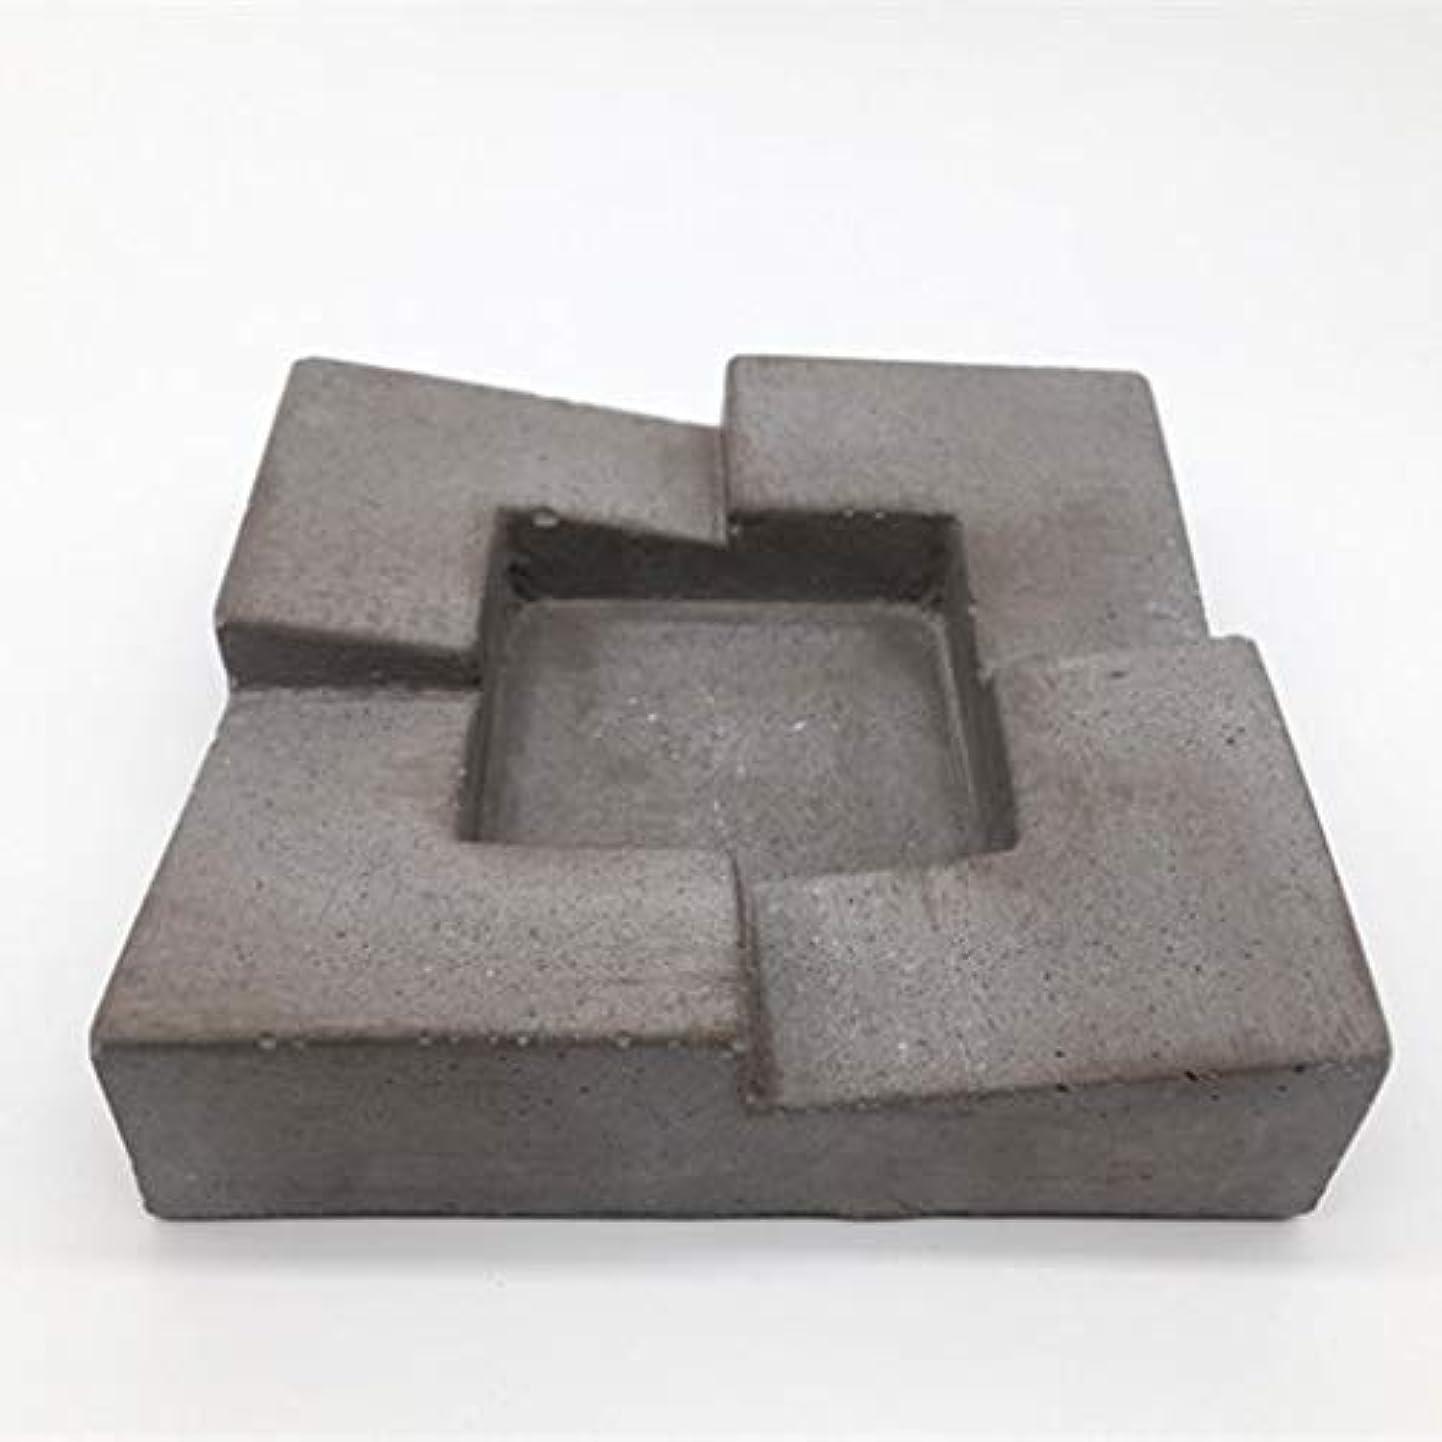 委員長酸素エレクトロニックビンテージ手彫り灰皿、ホームデスクトップ家具葉巻コンクリートリビングルームバーオフィスセメント灰皿(グレー)品質保証